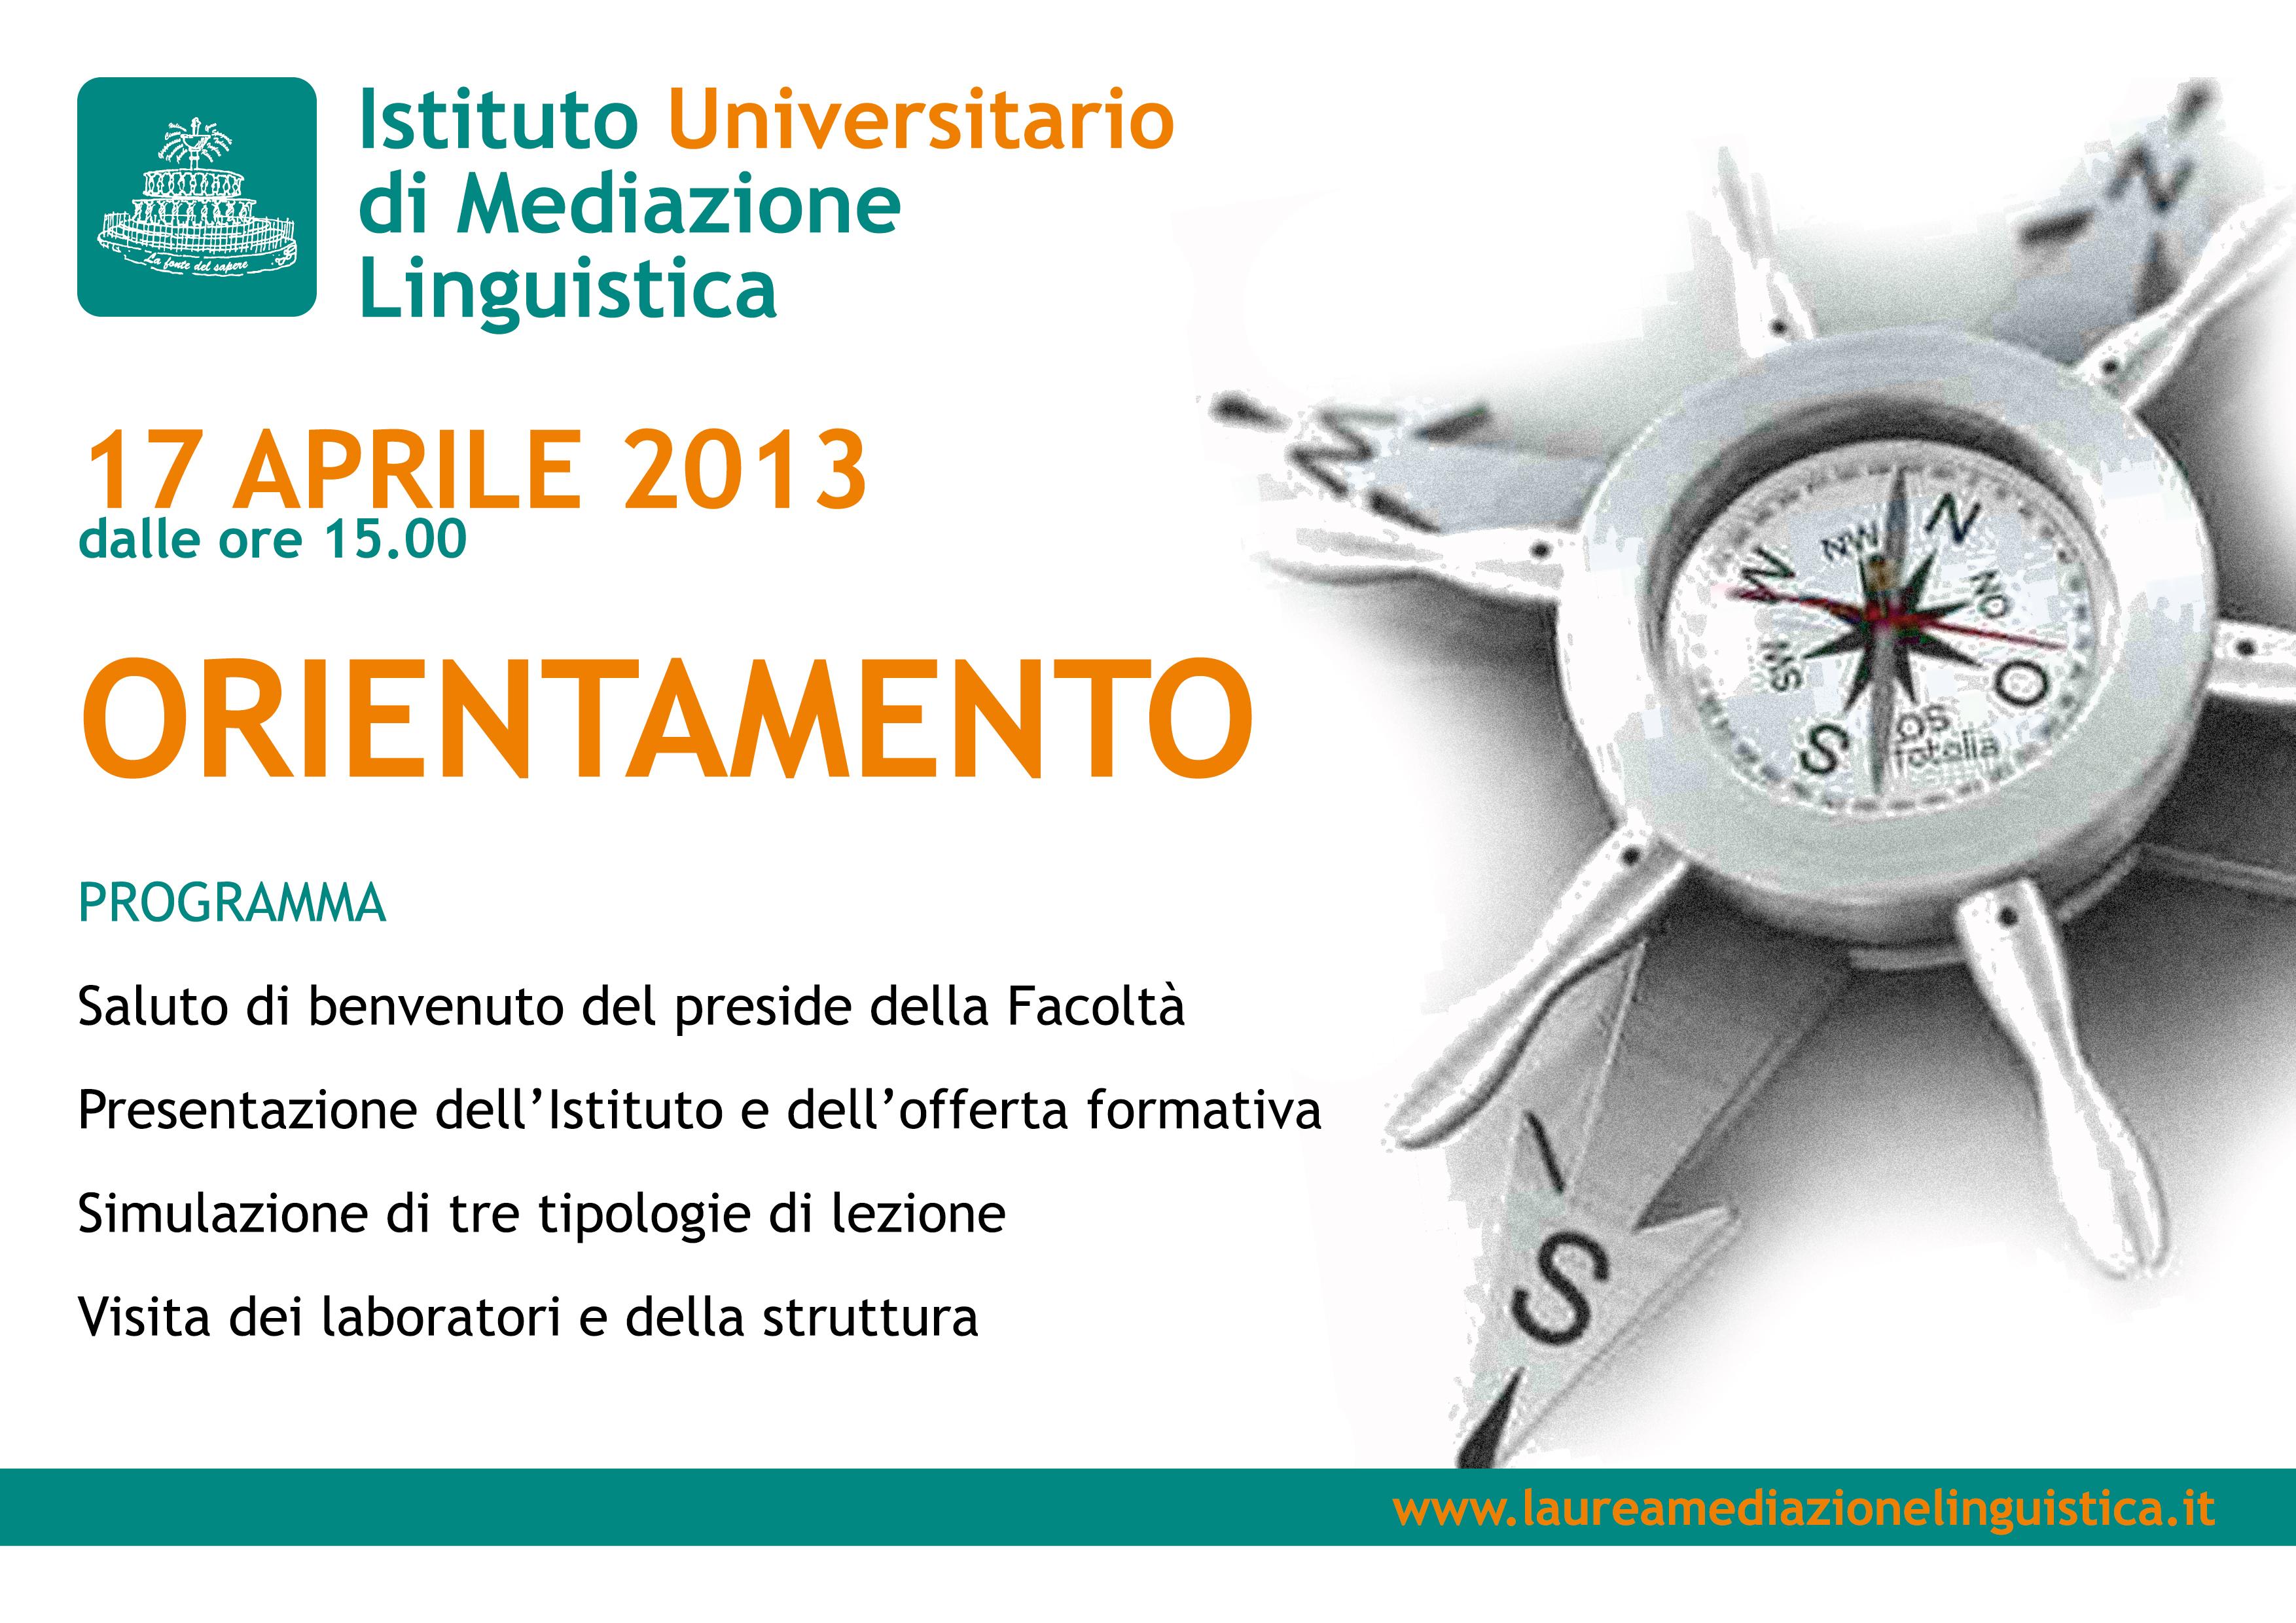 Programma di orientamento del 17 aprile 2013